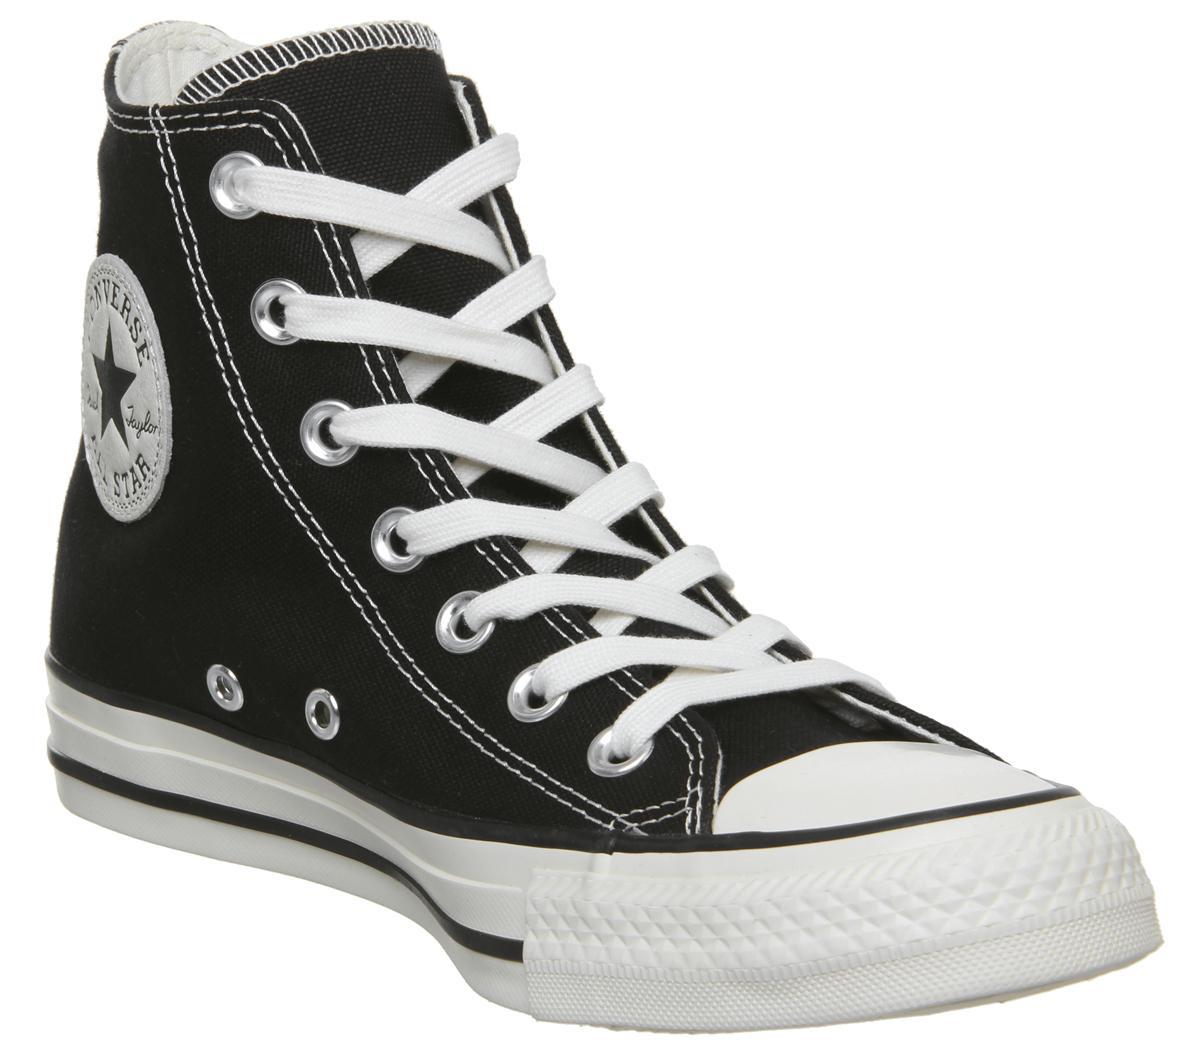 Converse Sandalen Converse Schuhe online kaufen, Exklusiv